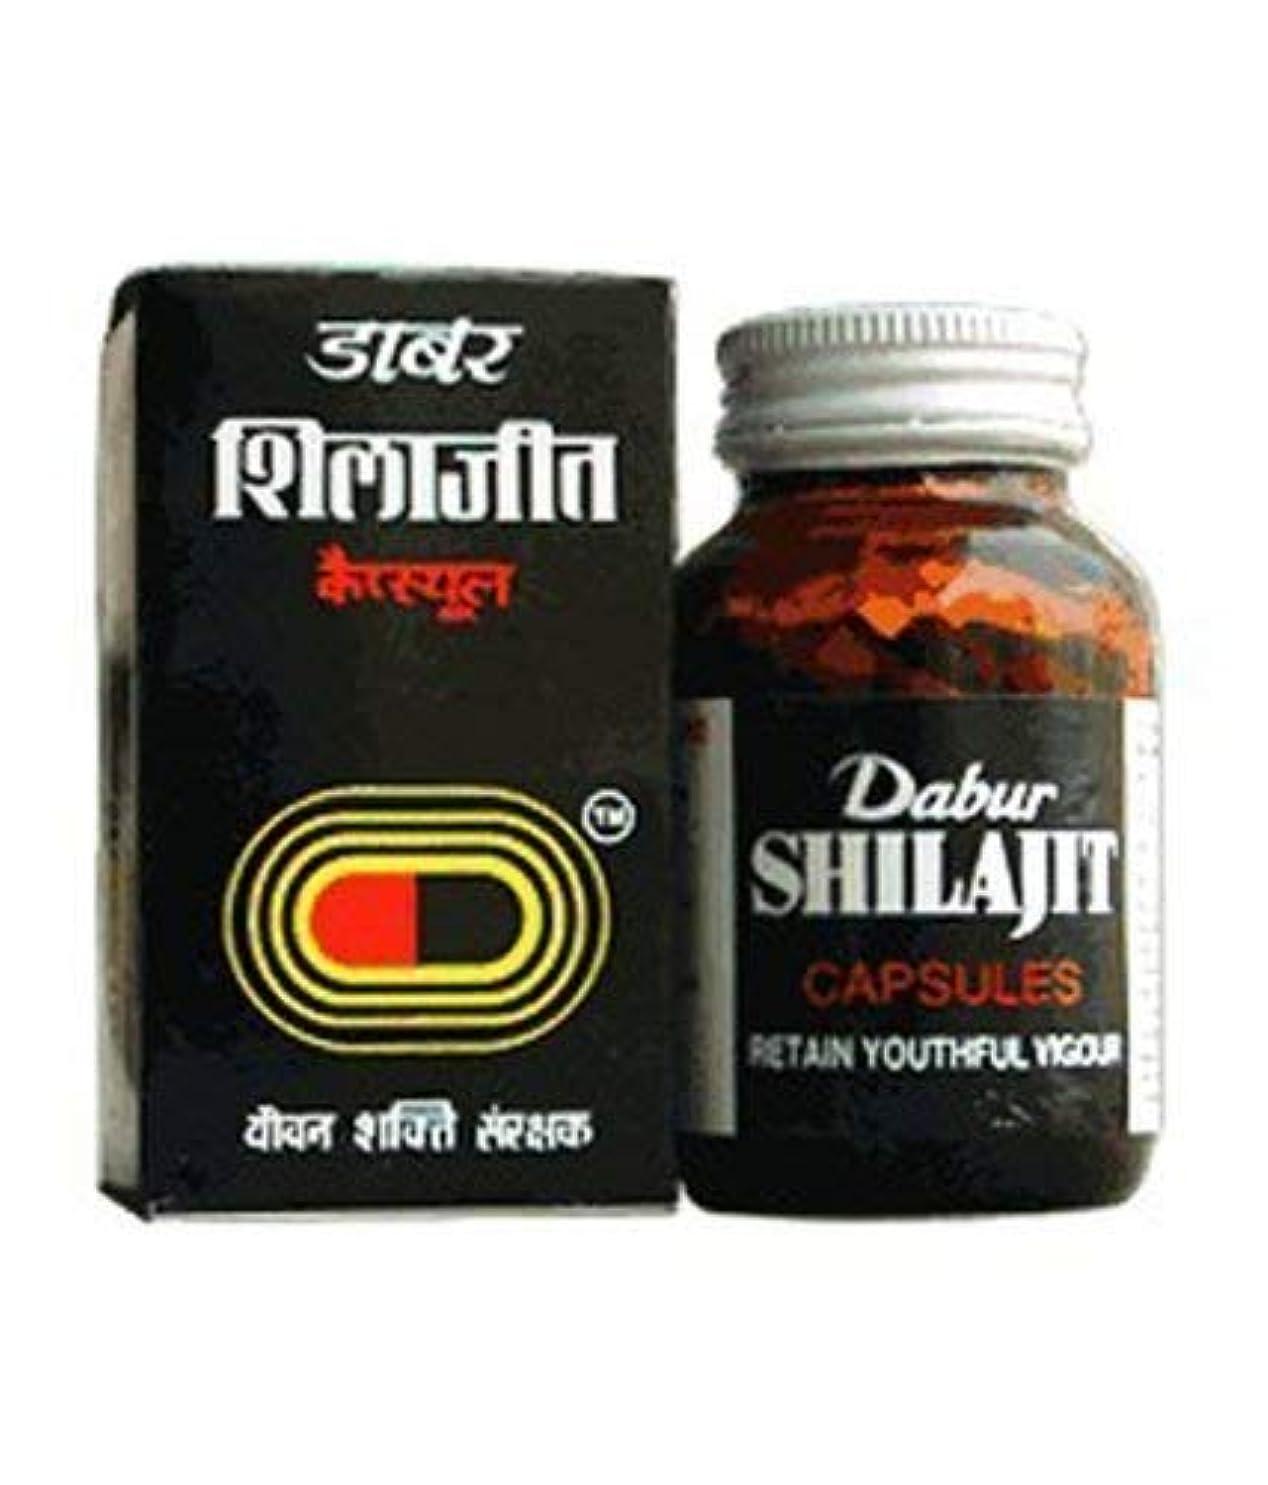 スイング霧燃料100 Capsules by Dabur Shilajit